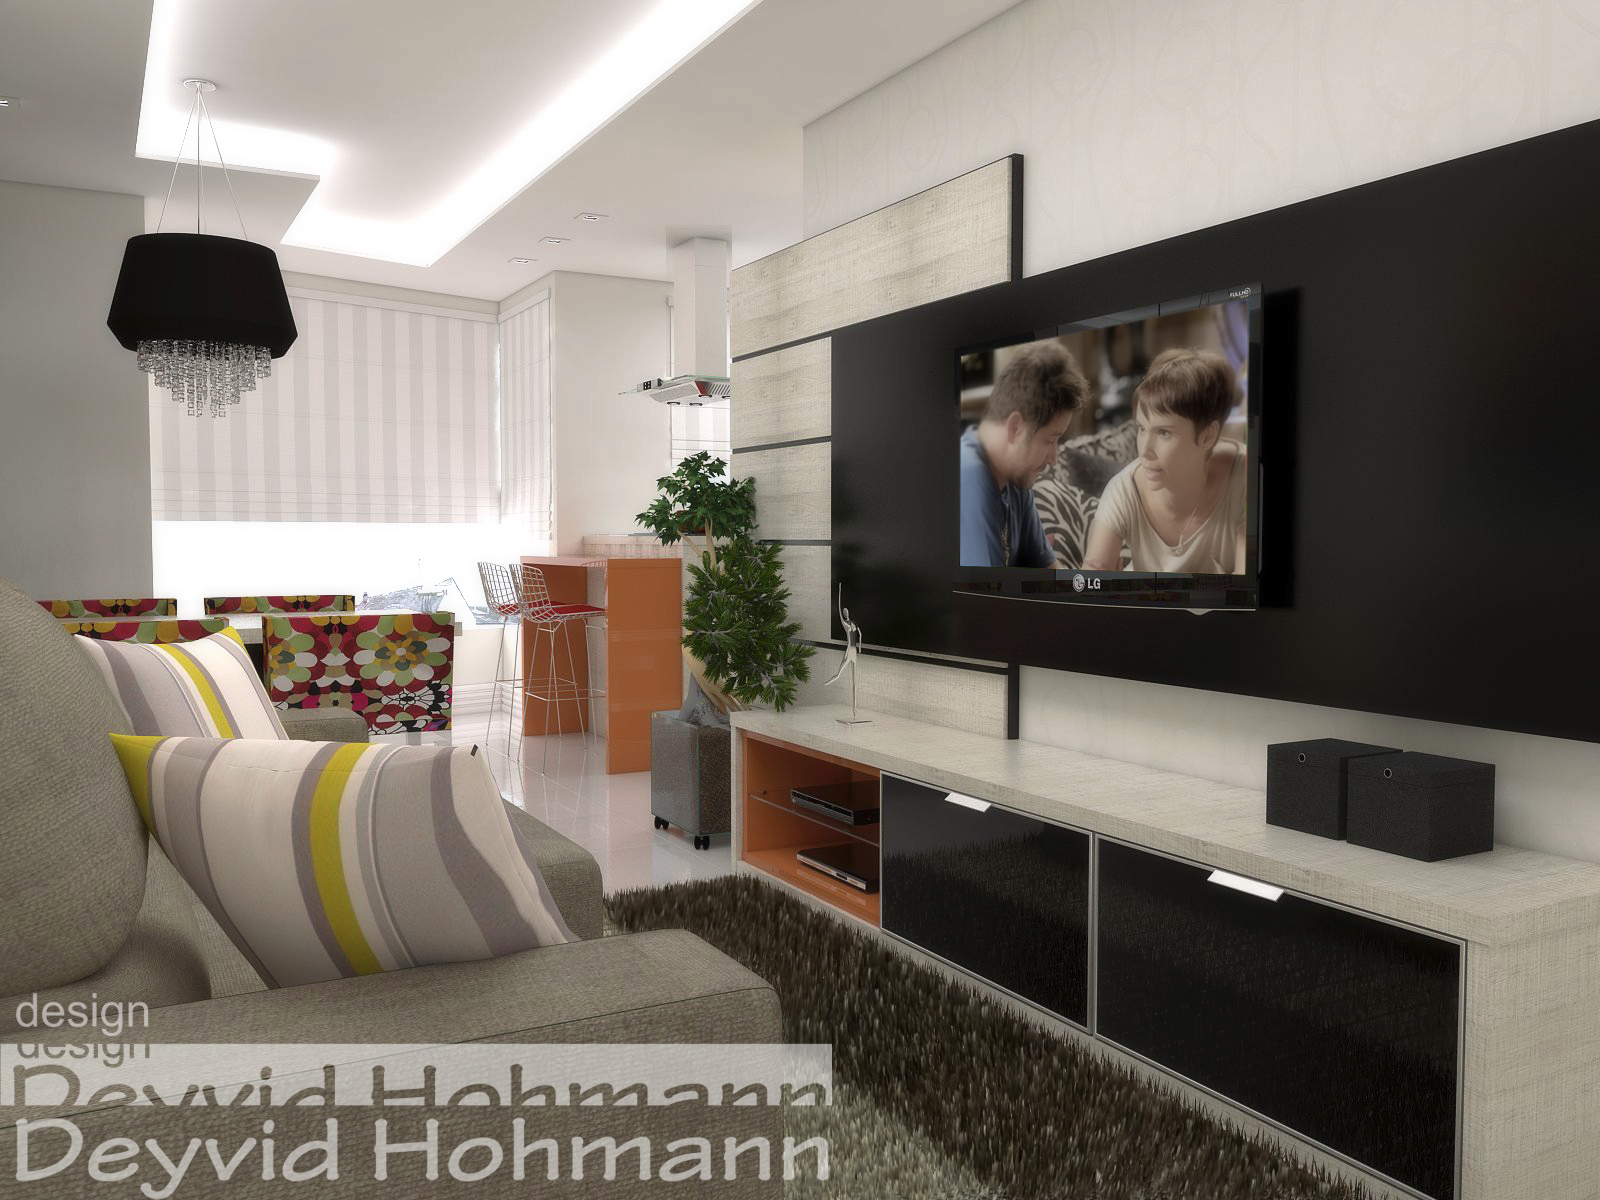 Deyvid Hohmann: Ambiente conjugado sala cozinha e lavanderia #A39228 1600 1200